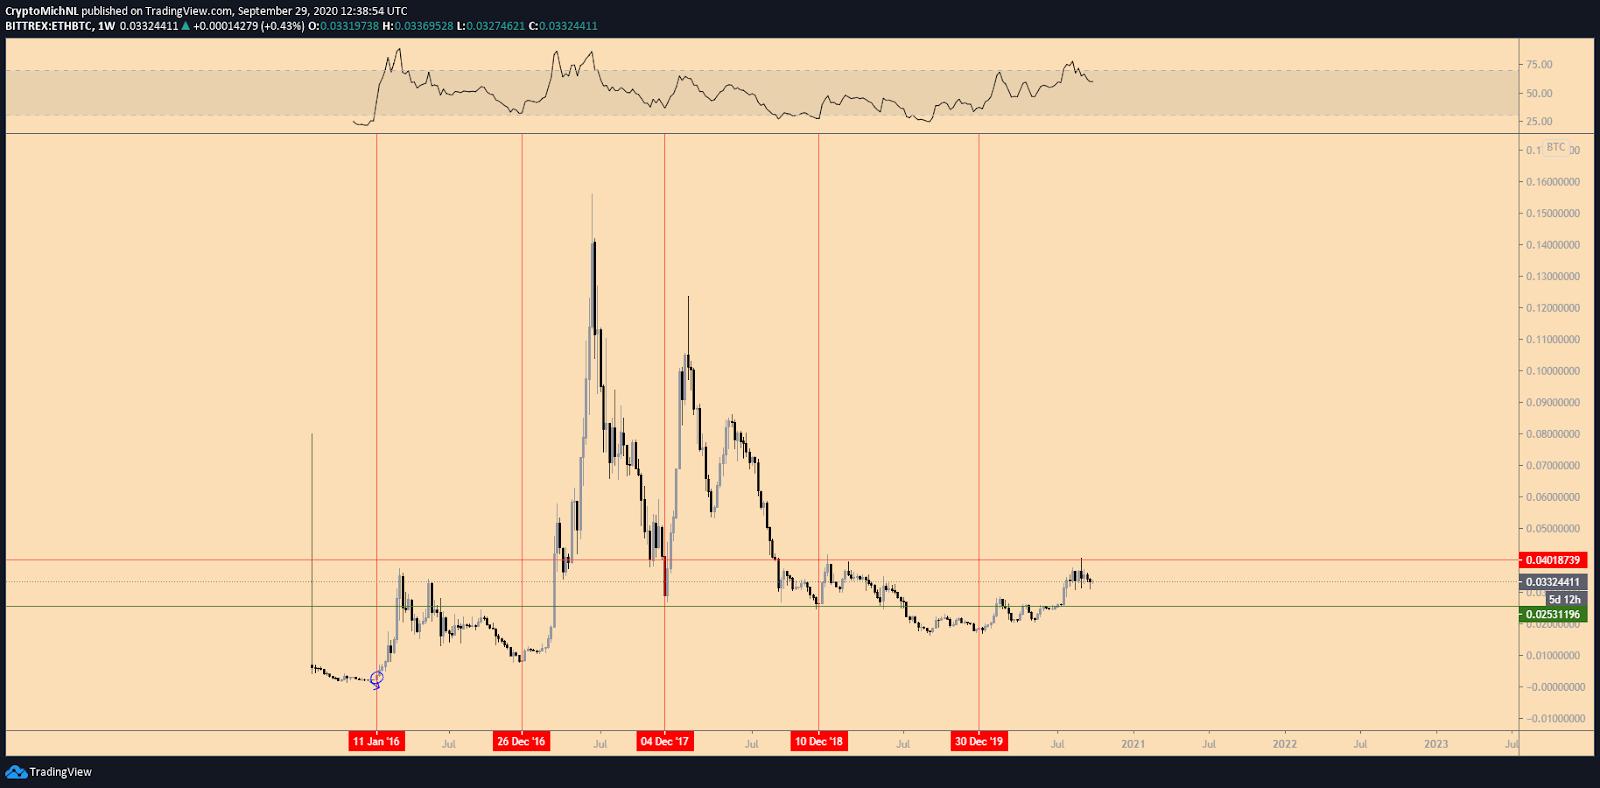 ETH/BTC 1-week chart